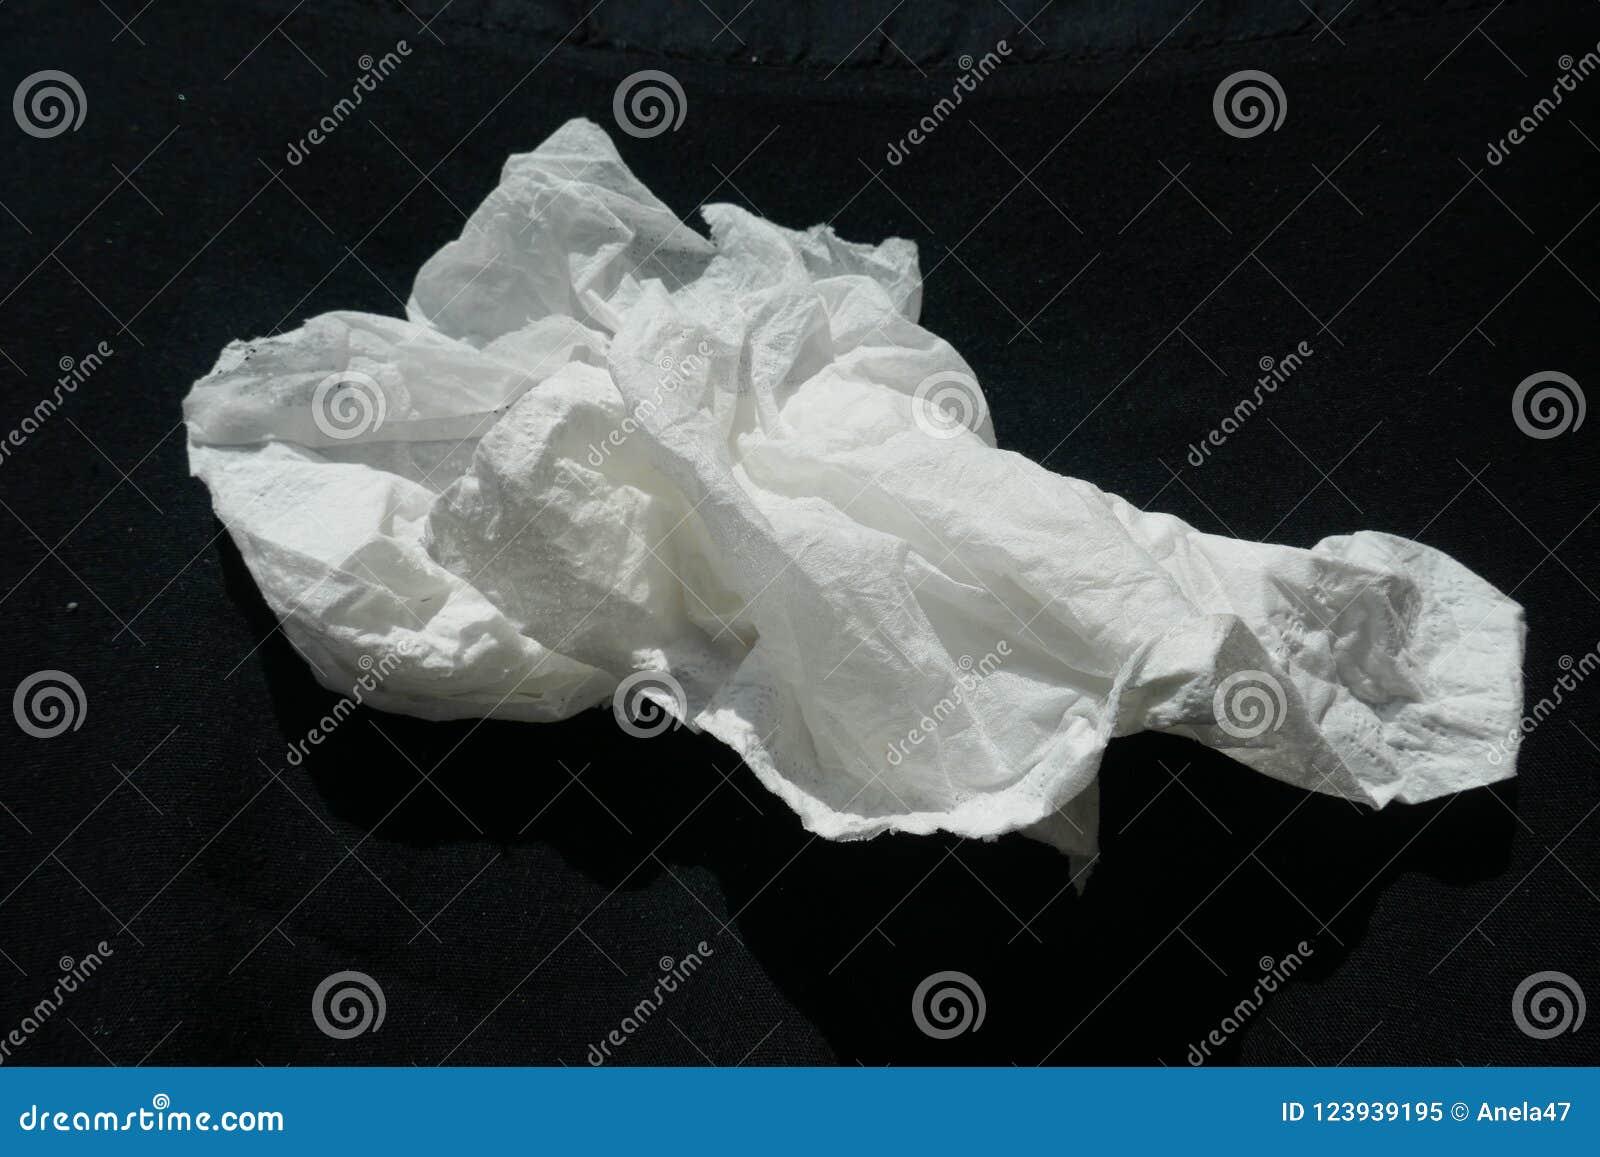 Taschentuch, Papiertaschentuch, zerknittert, Nahaufnahme, lokalisiert auf schwarzem Hintergrund